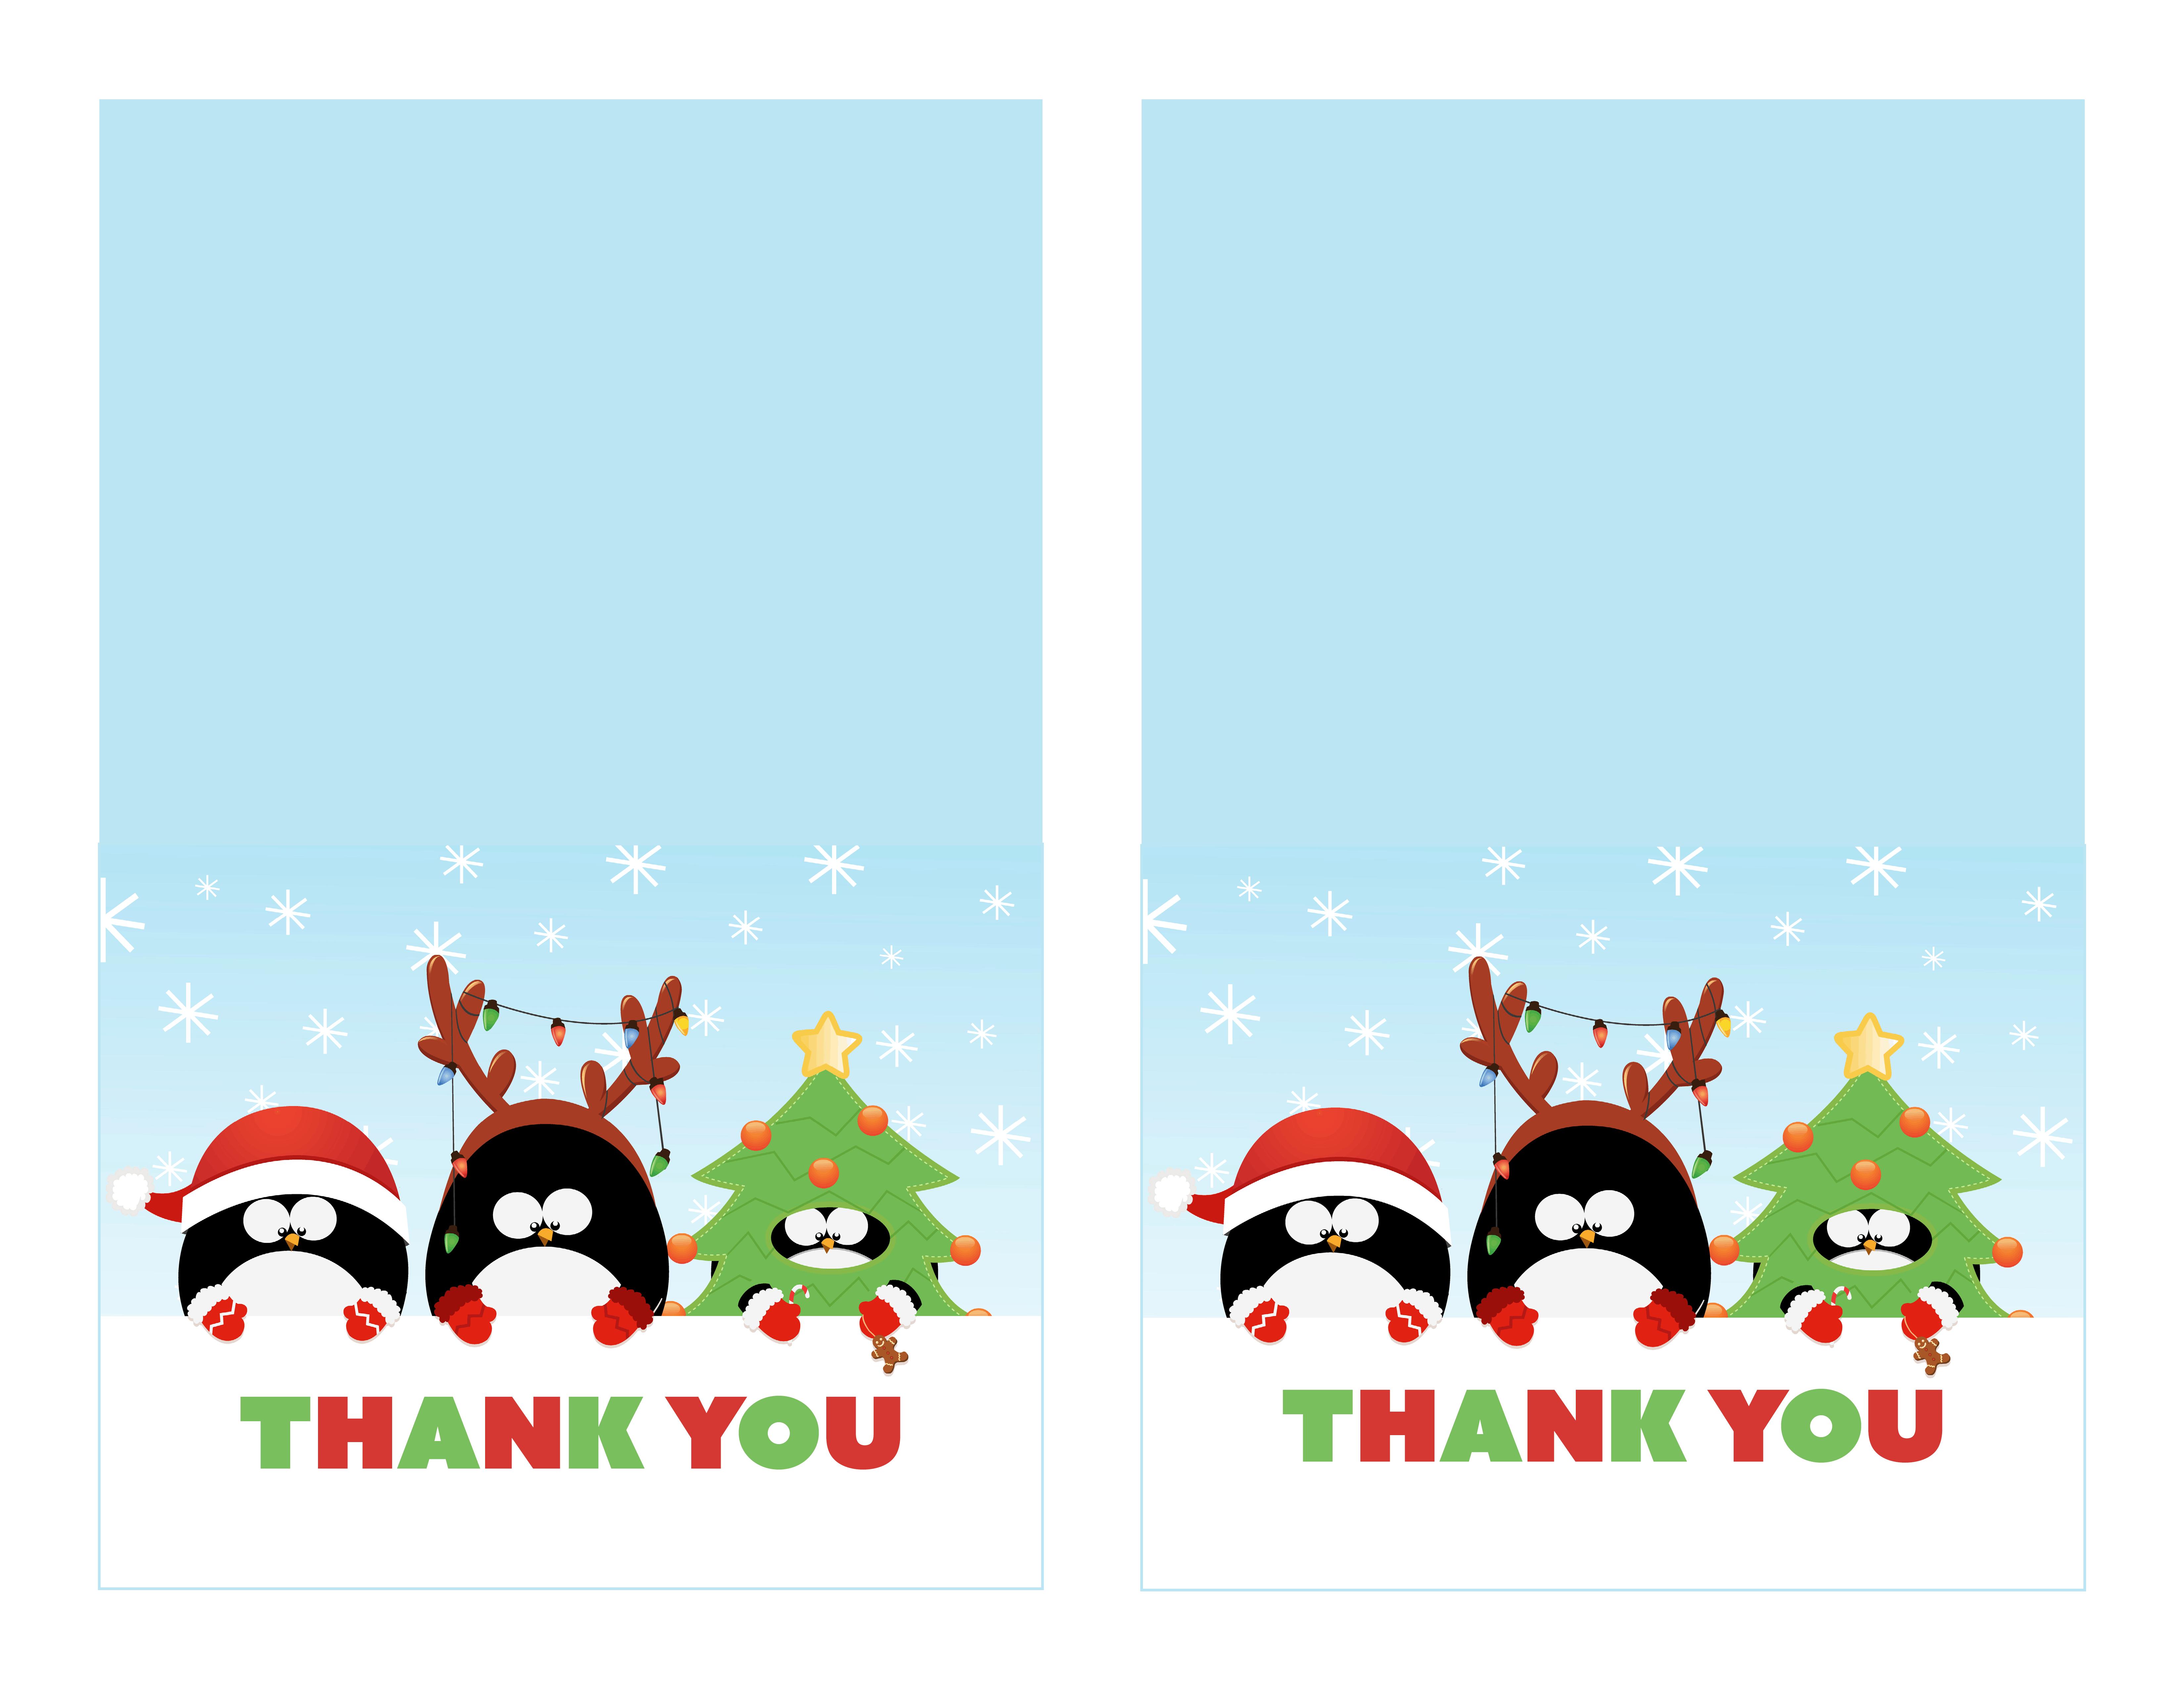 christmas thank you image.